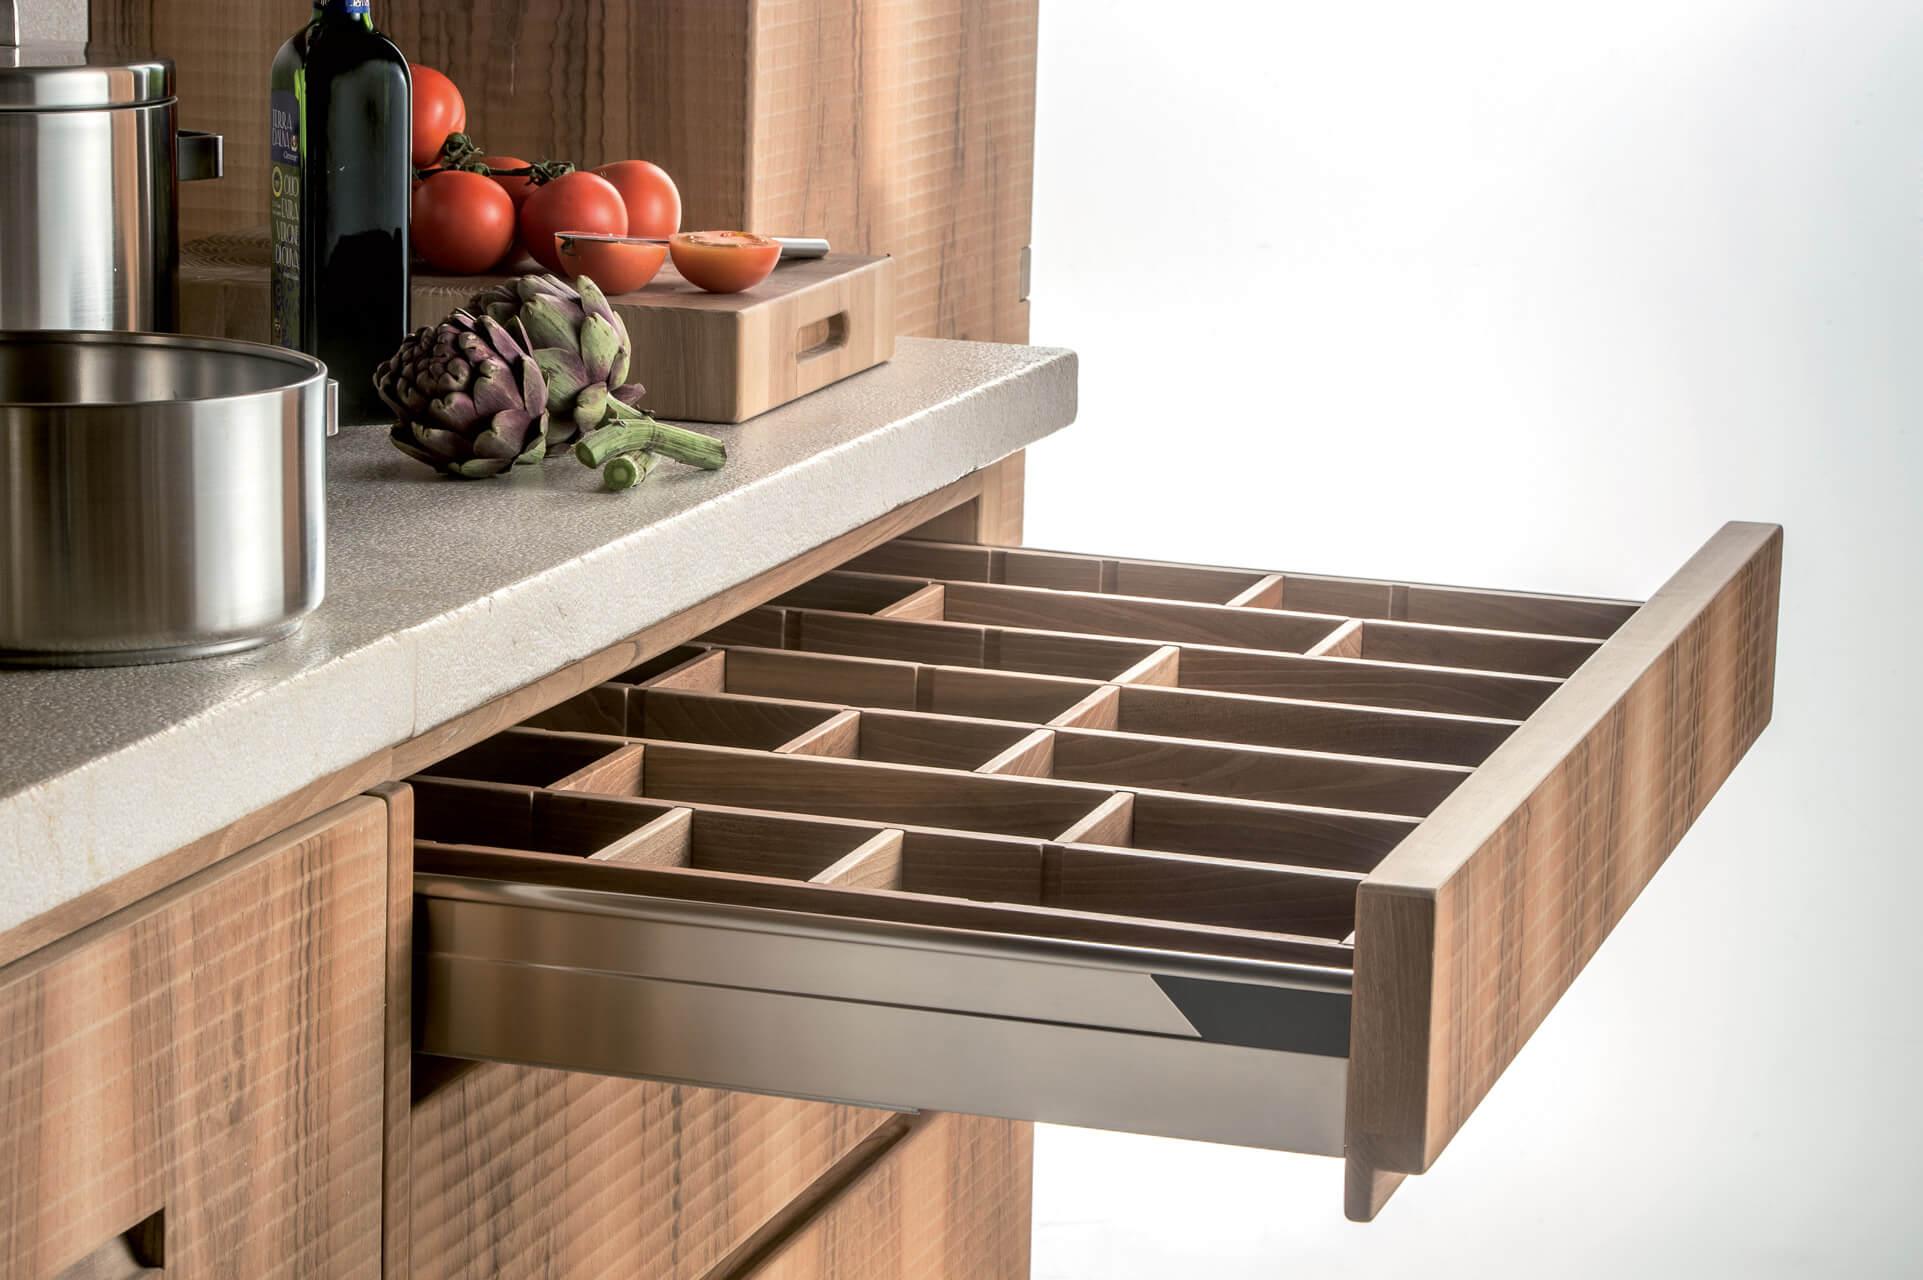 Cucina in Noce con Piano in Legno e Marmo - Cucine Design in Legno ...